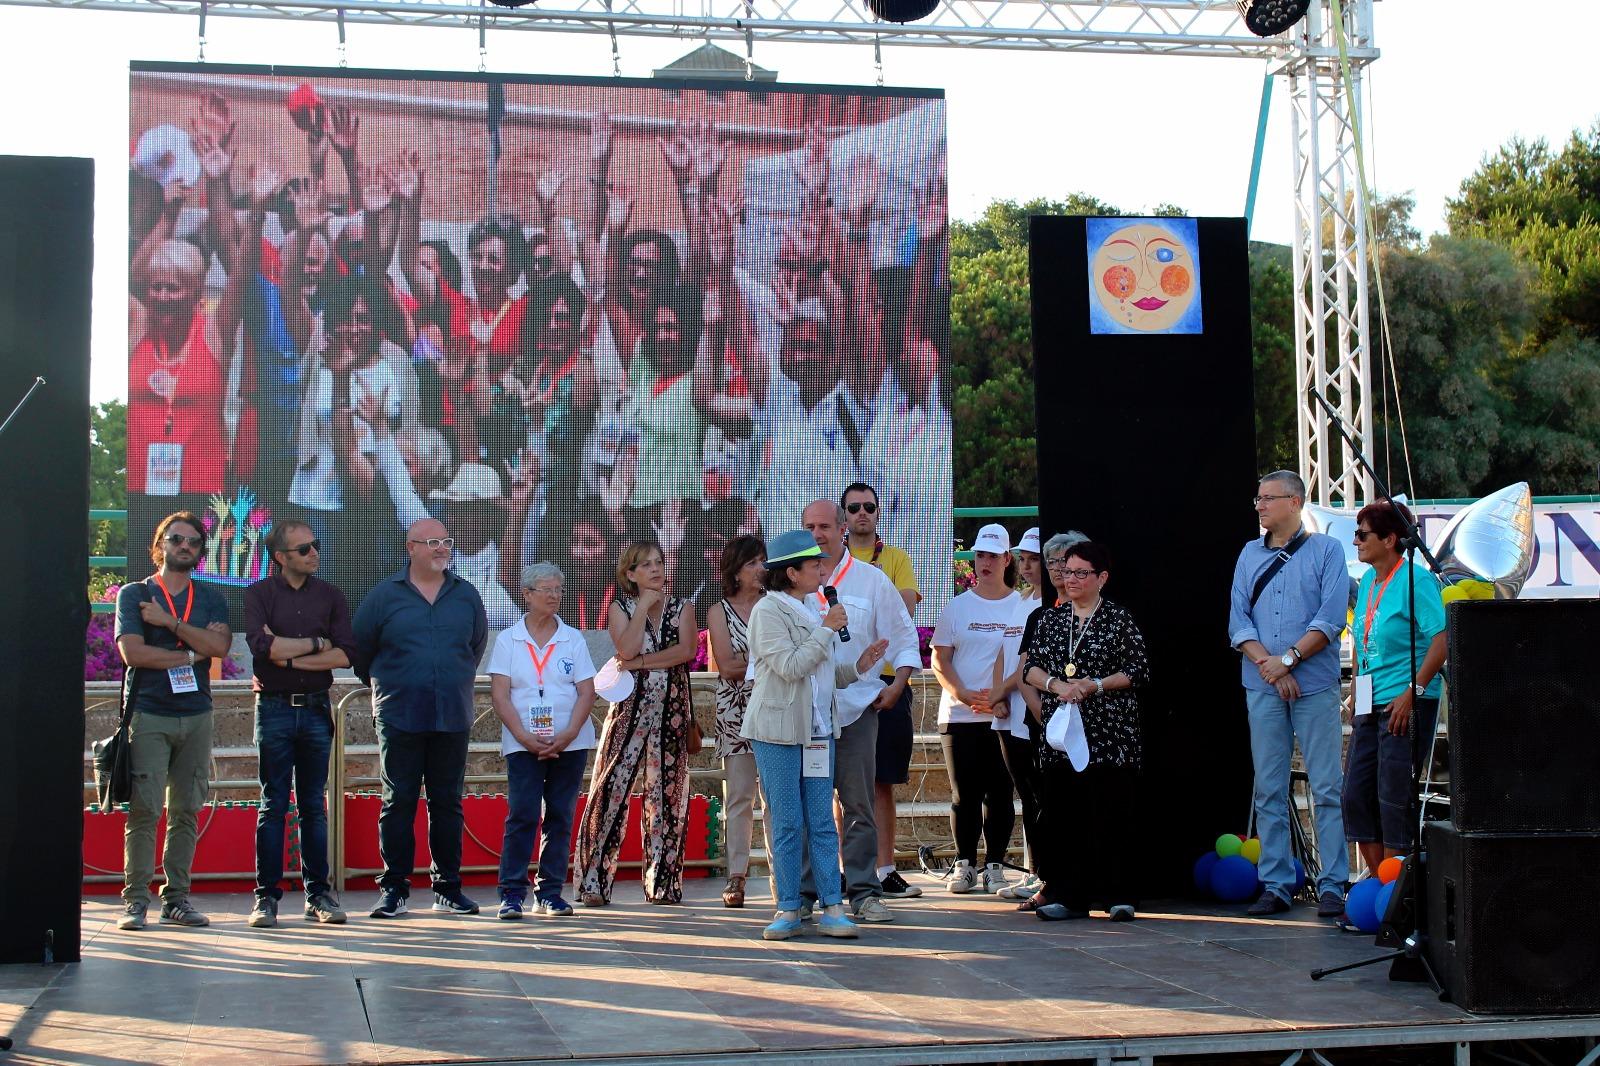 Il Volontariato Promuove la Vita: 40 associazioni riunite per festeggiare la solidarietà.